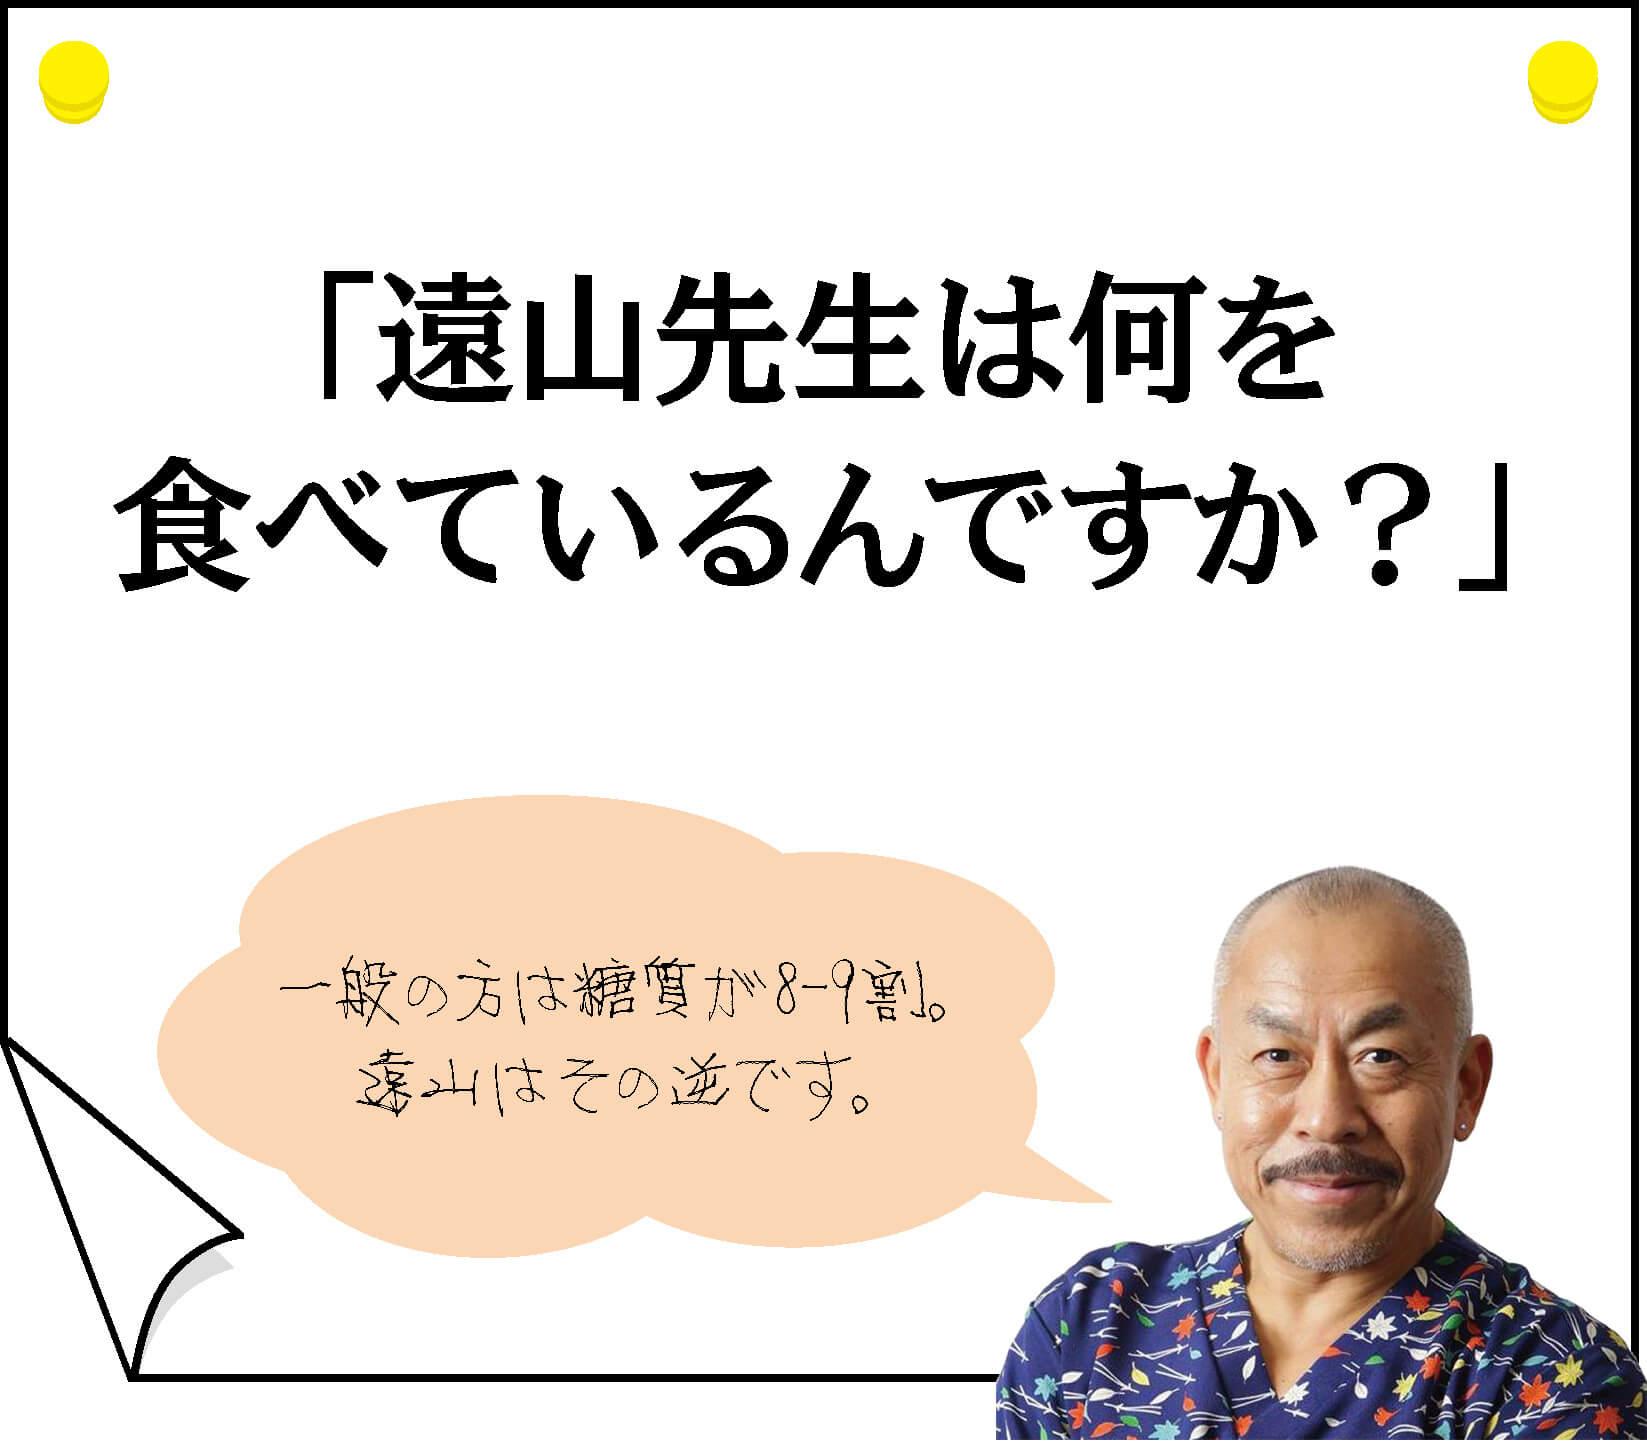 「遠山先生は何を食べているんですか?」